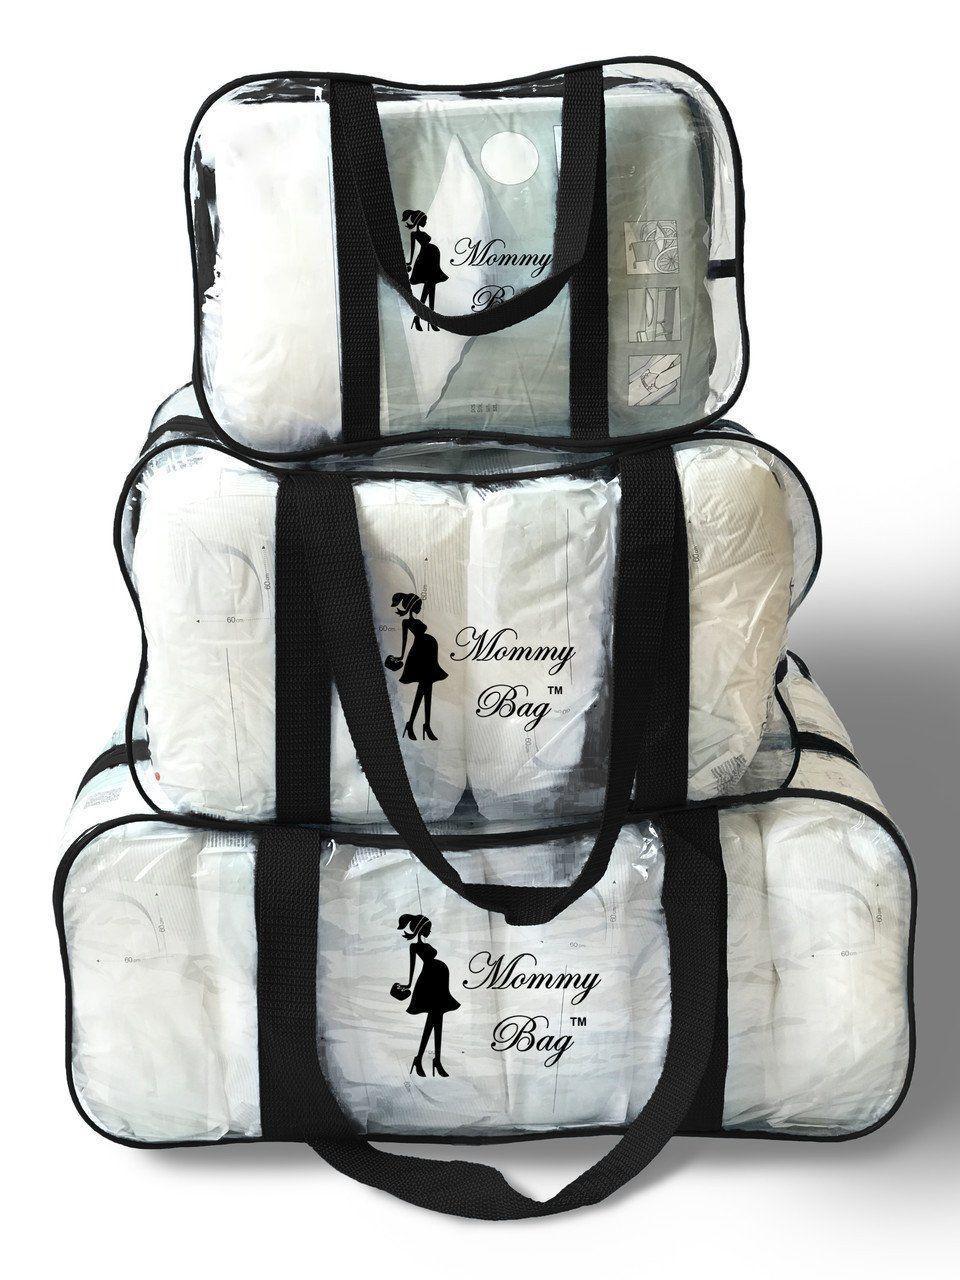 Набор из прозрачных сумок в роддом Mommy Bag, размеры - S, M, L, цвет - Черный